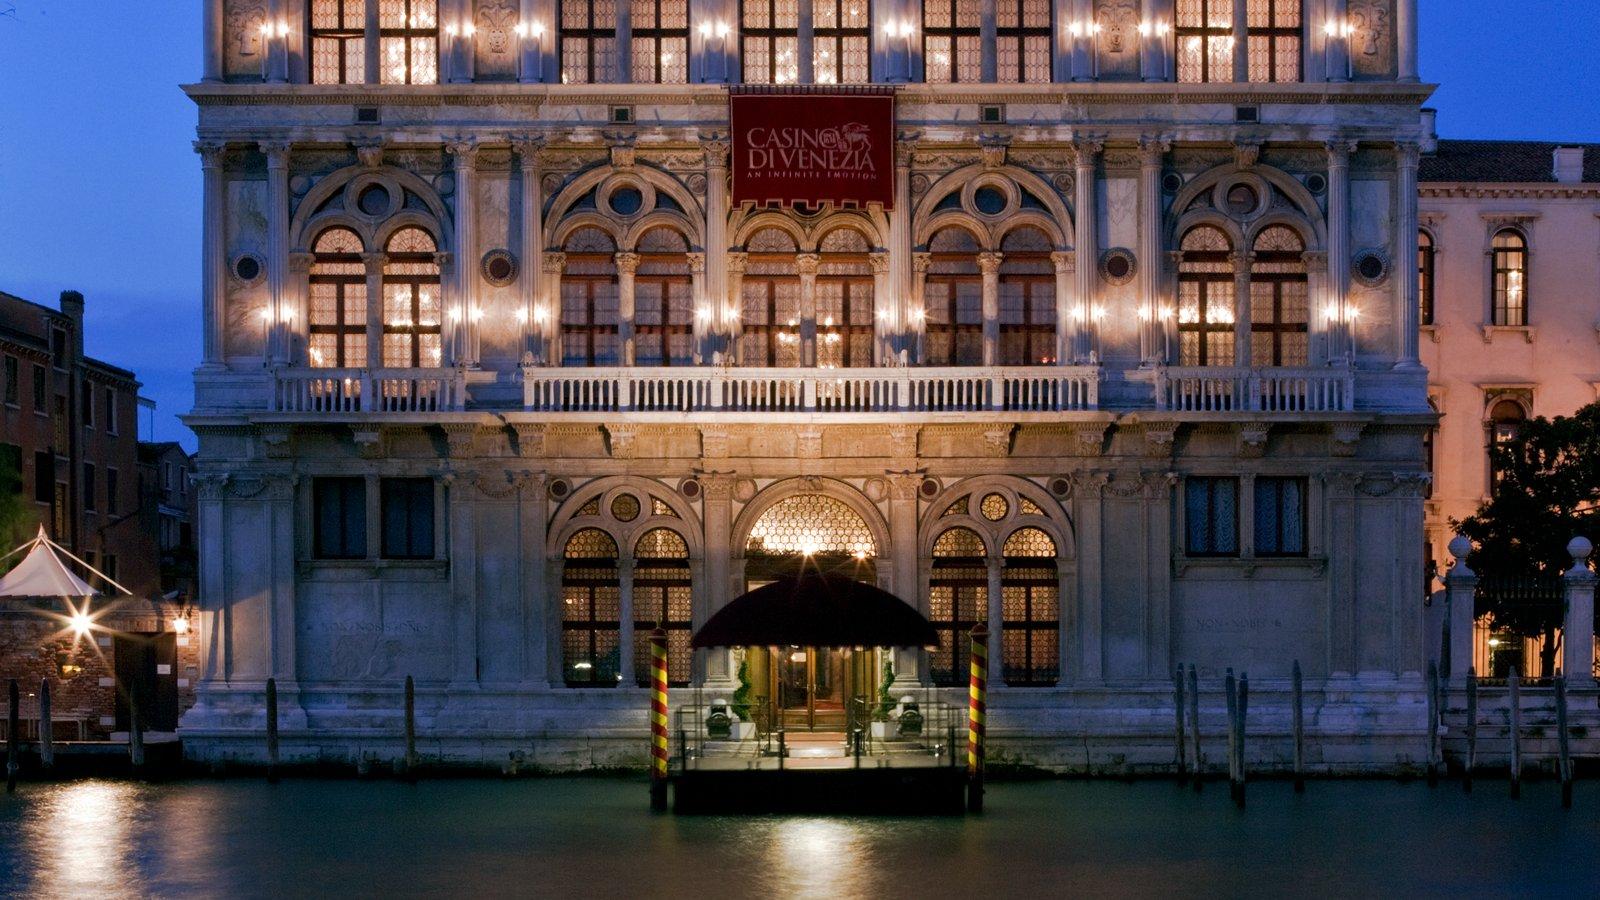 Casino venezia a malta